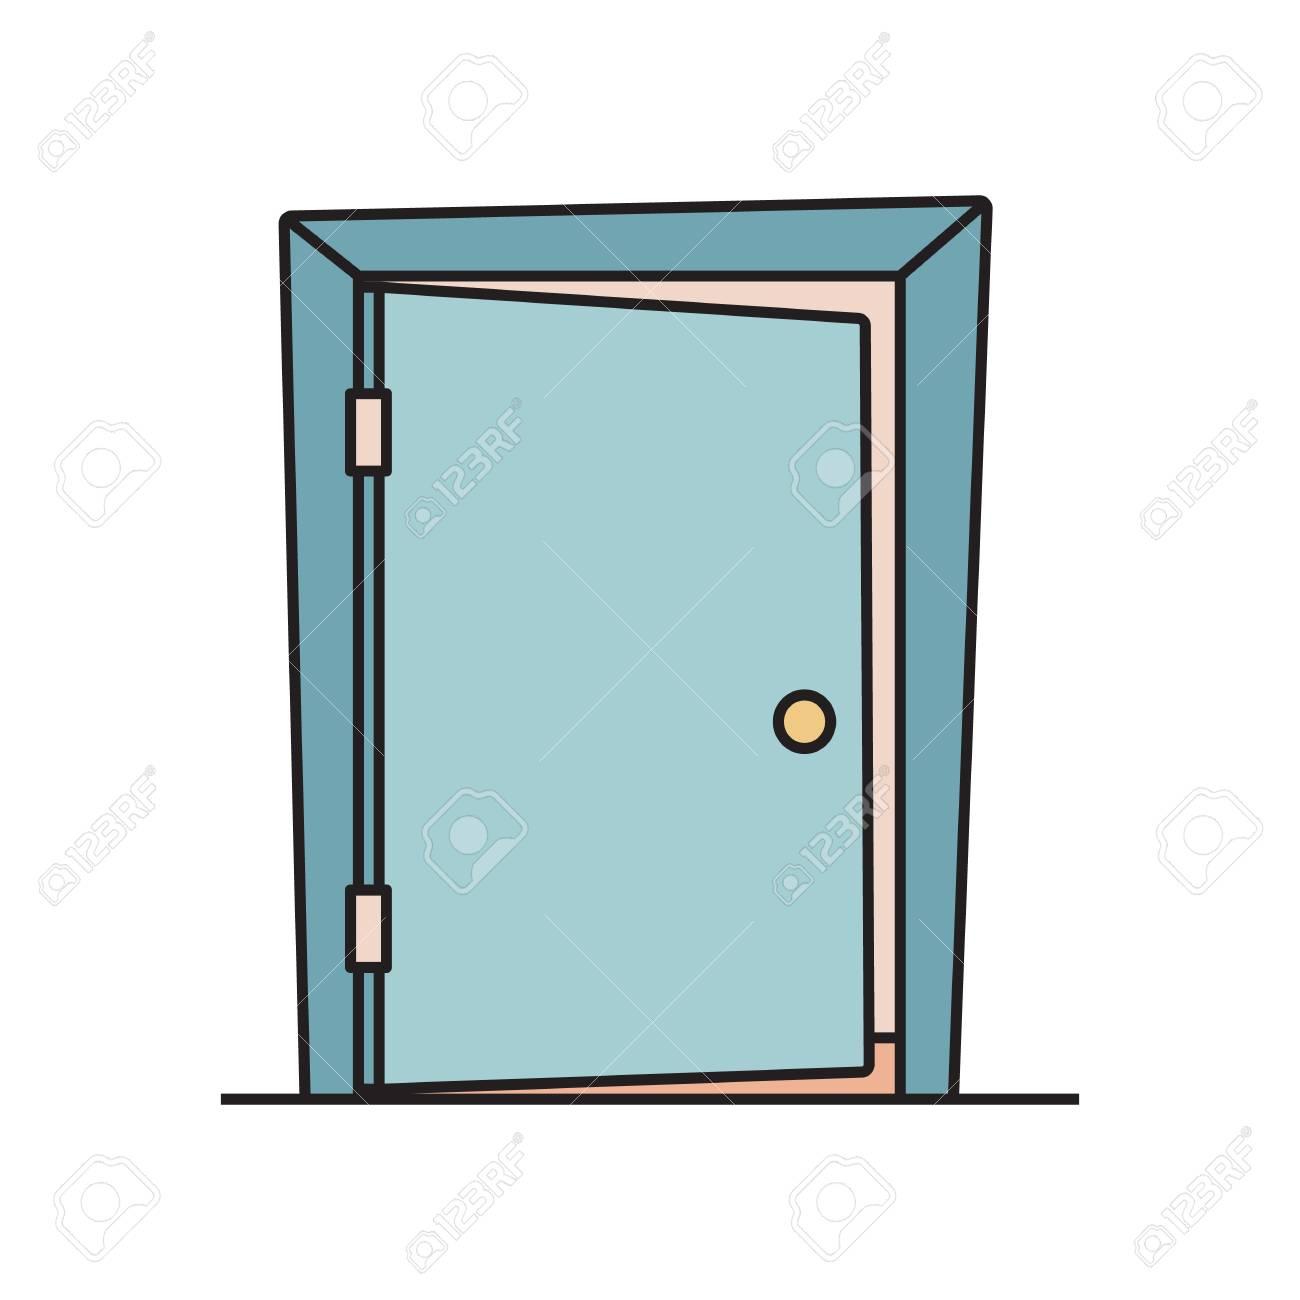 Flat cartoon icon with slightly open, ajar door.